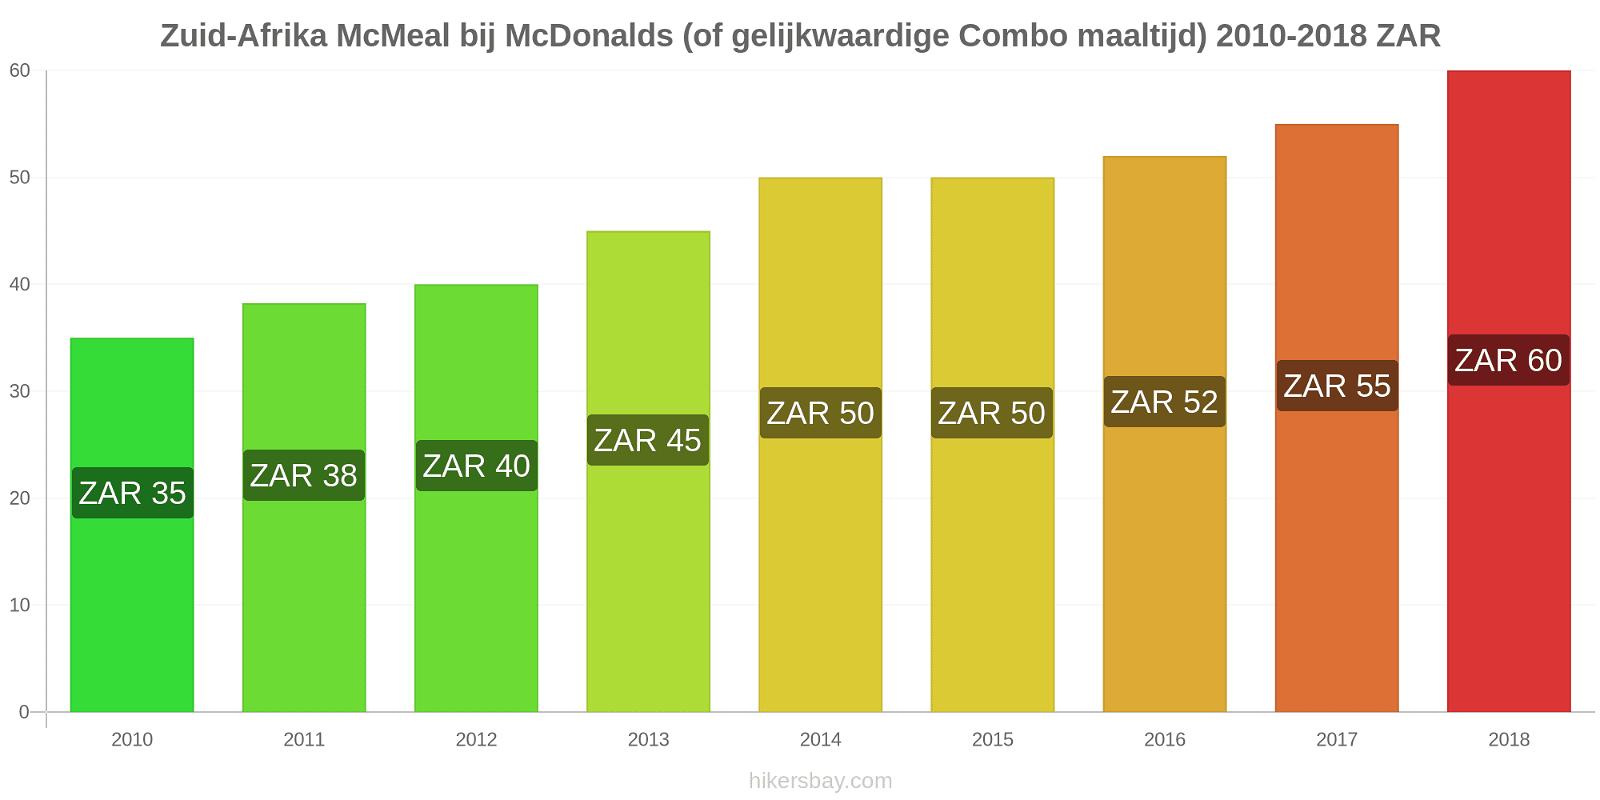 Zuid-Afrika prijswijzigingen McMeal bij McDonalds (of gelijkwaardige Combo maaltijd) hikersbay.com